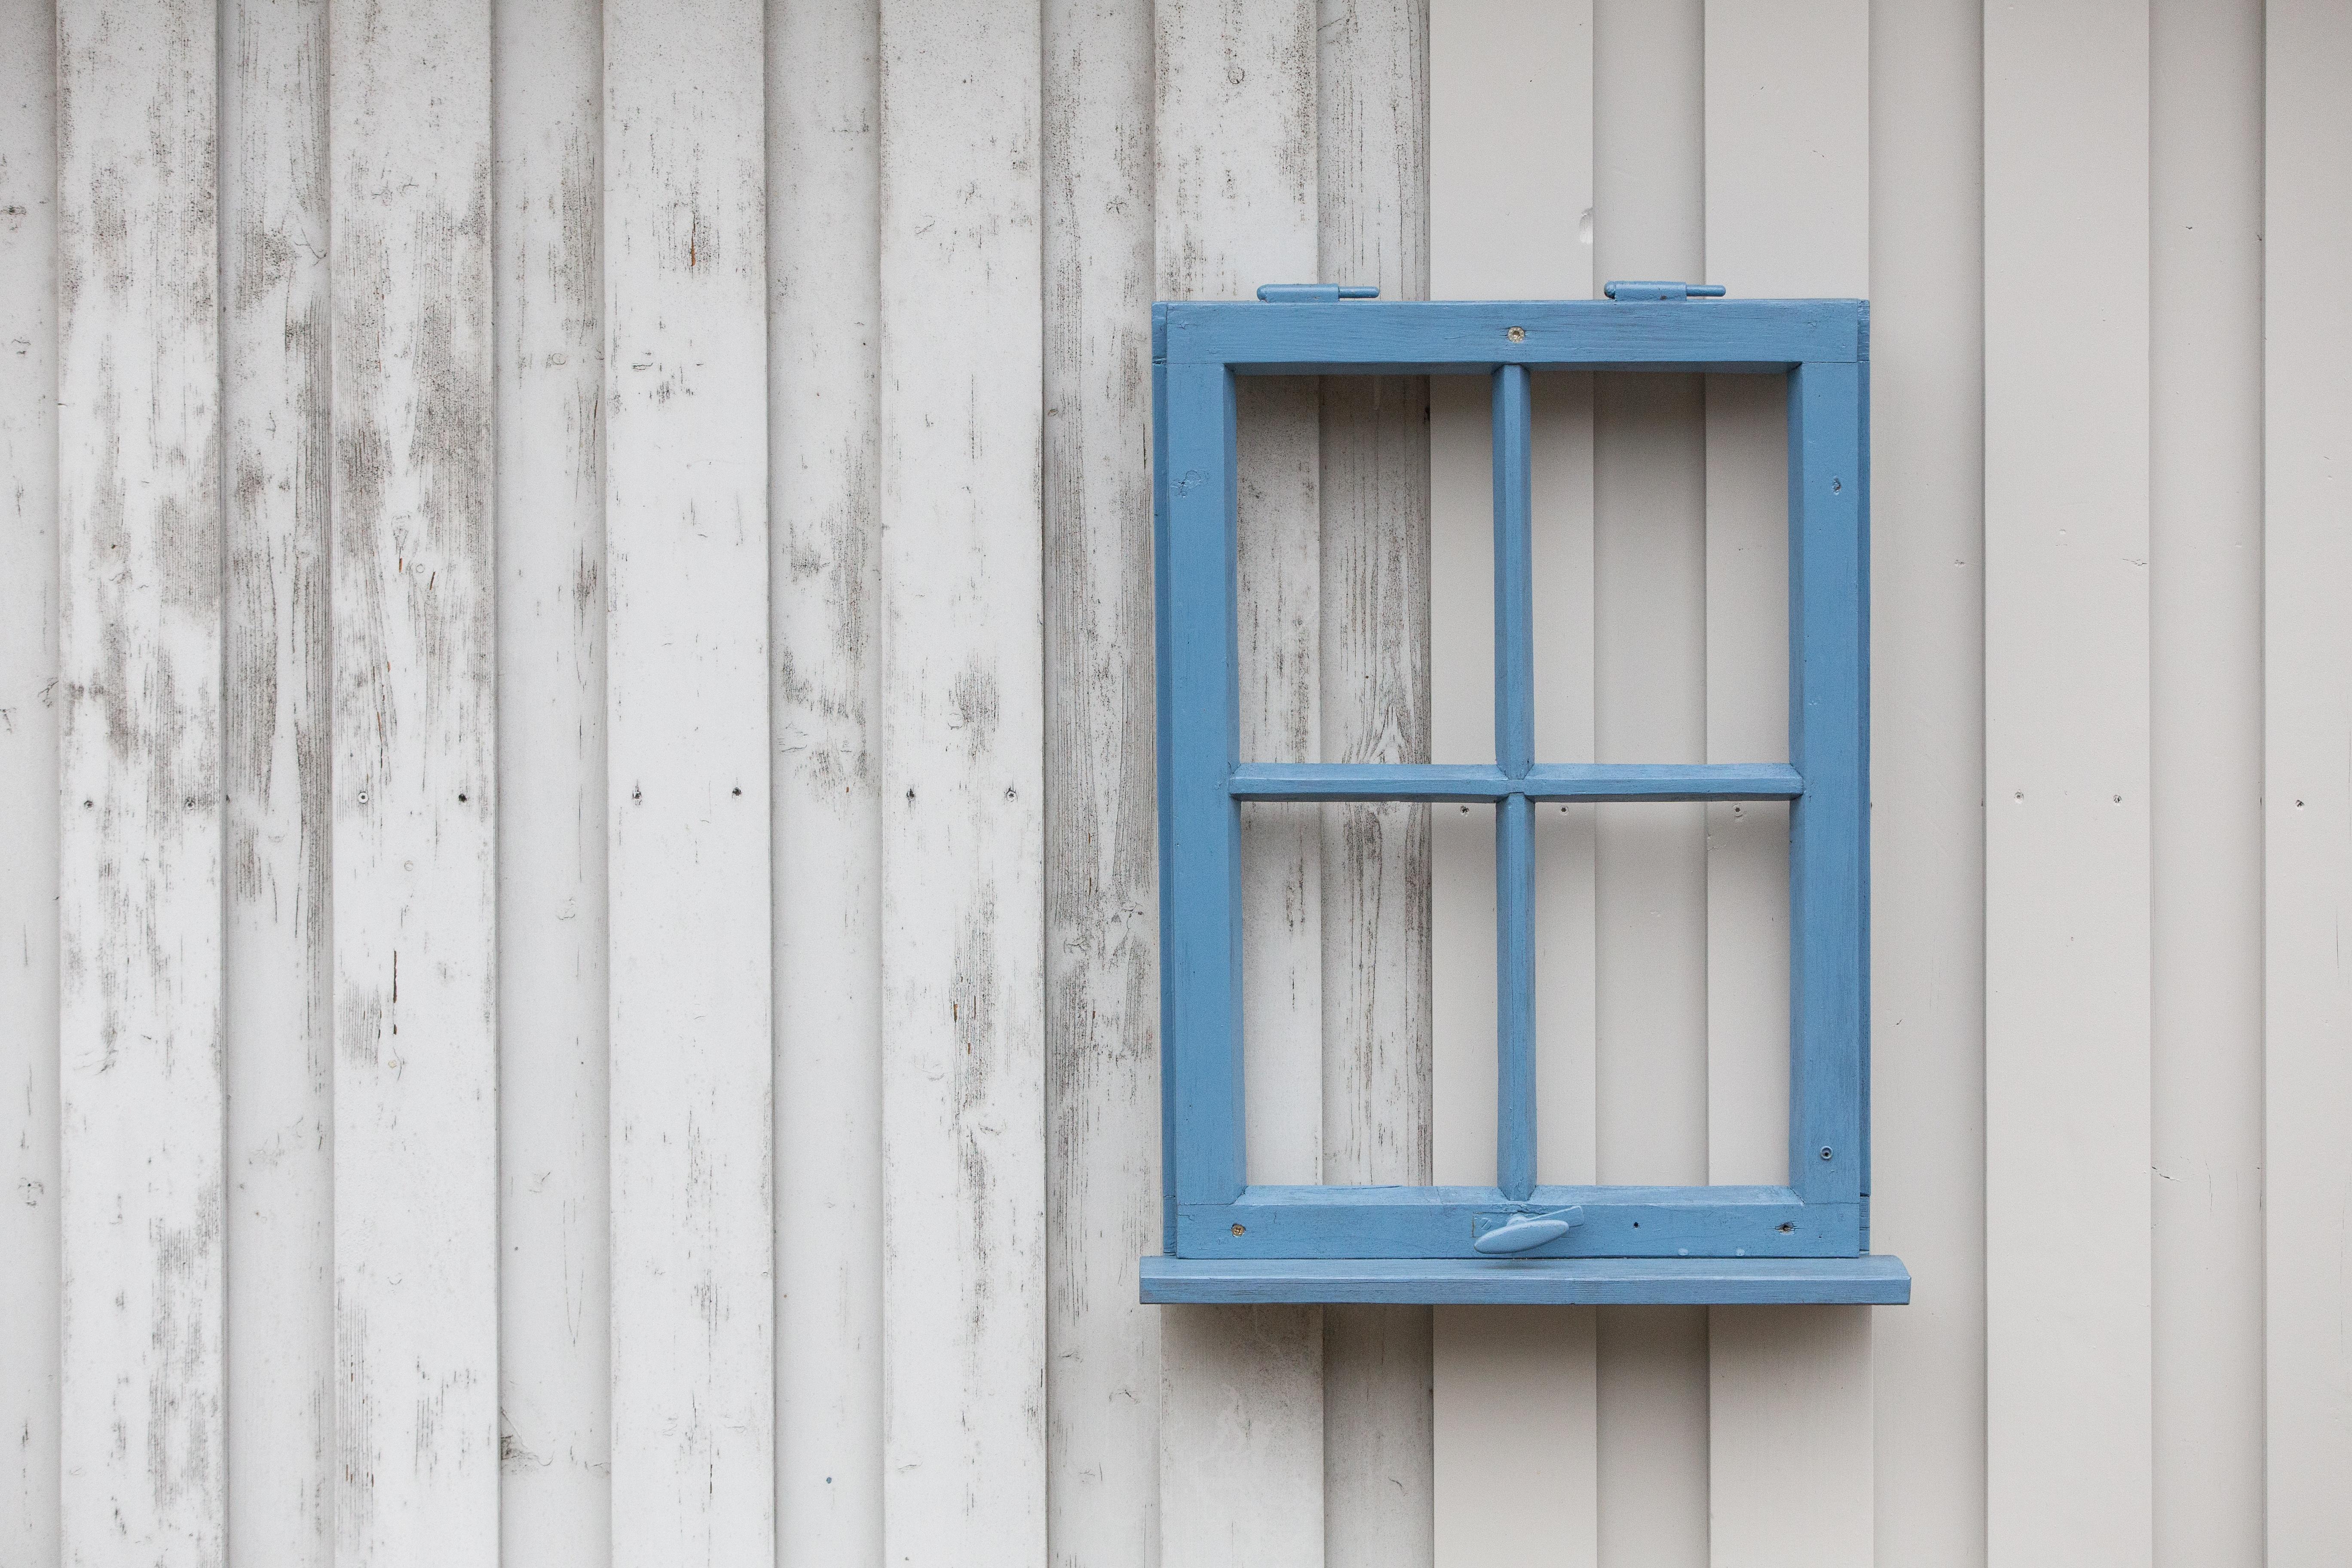 무료 이미지 : 목재, 화이트, 창문, 벽, 정면, 푸른, 인테리어 ...